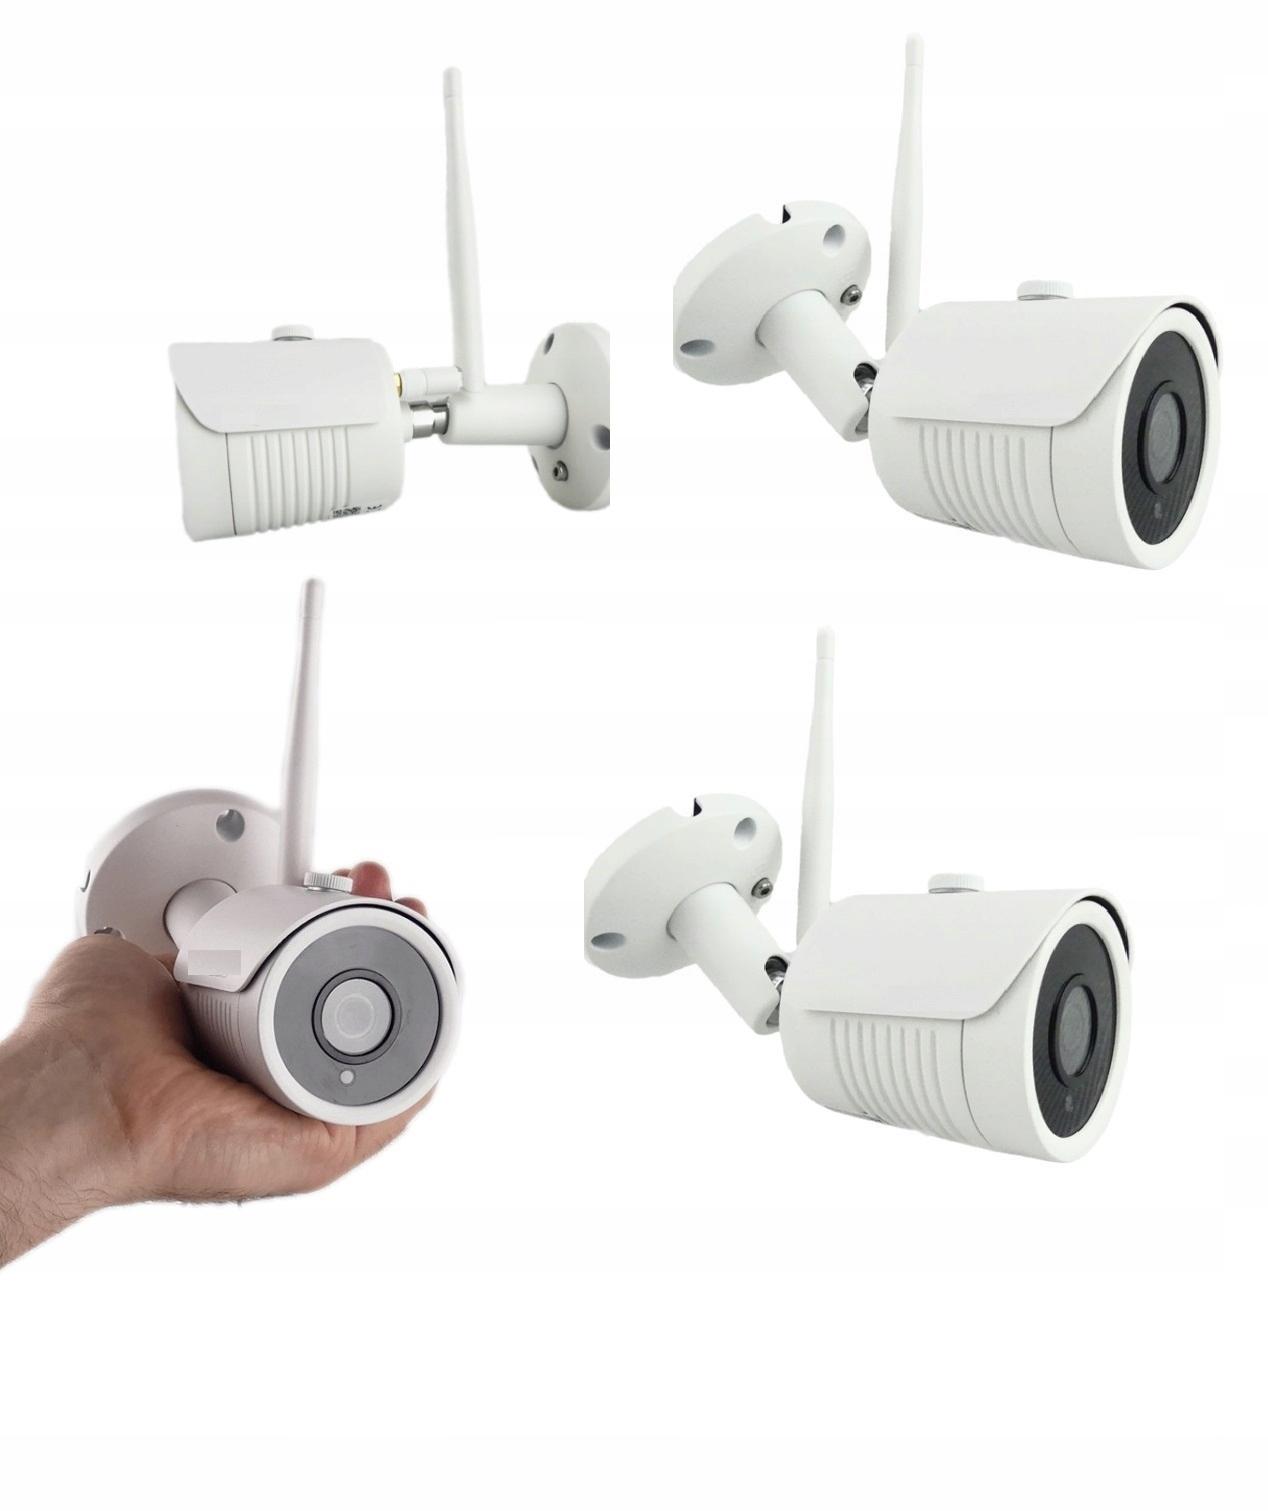 Kamera zew TUBOWA WIFI 3,6mm 5Mpx mSD do 128GB Kod producenta 2020